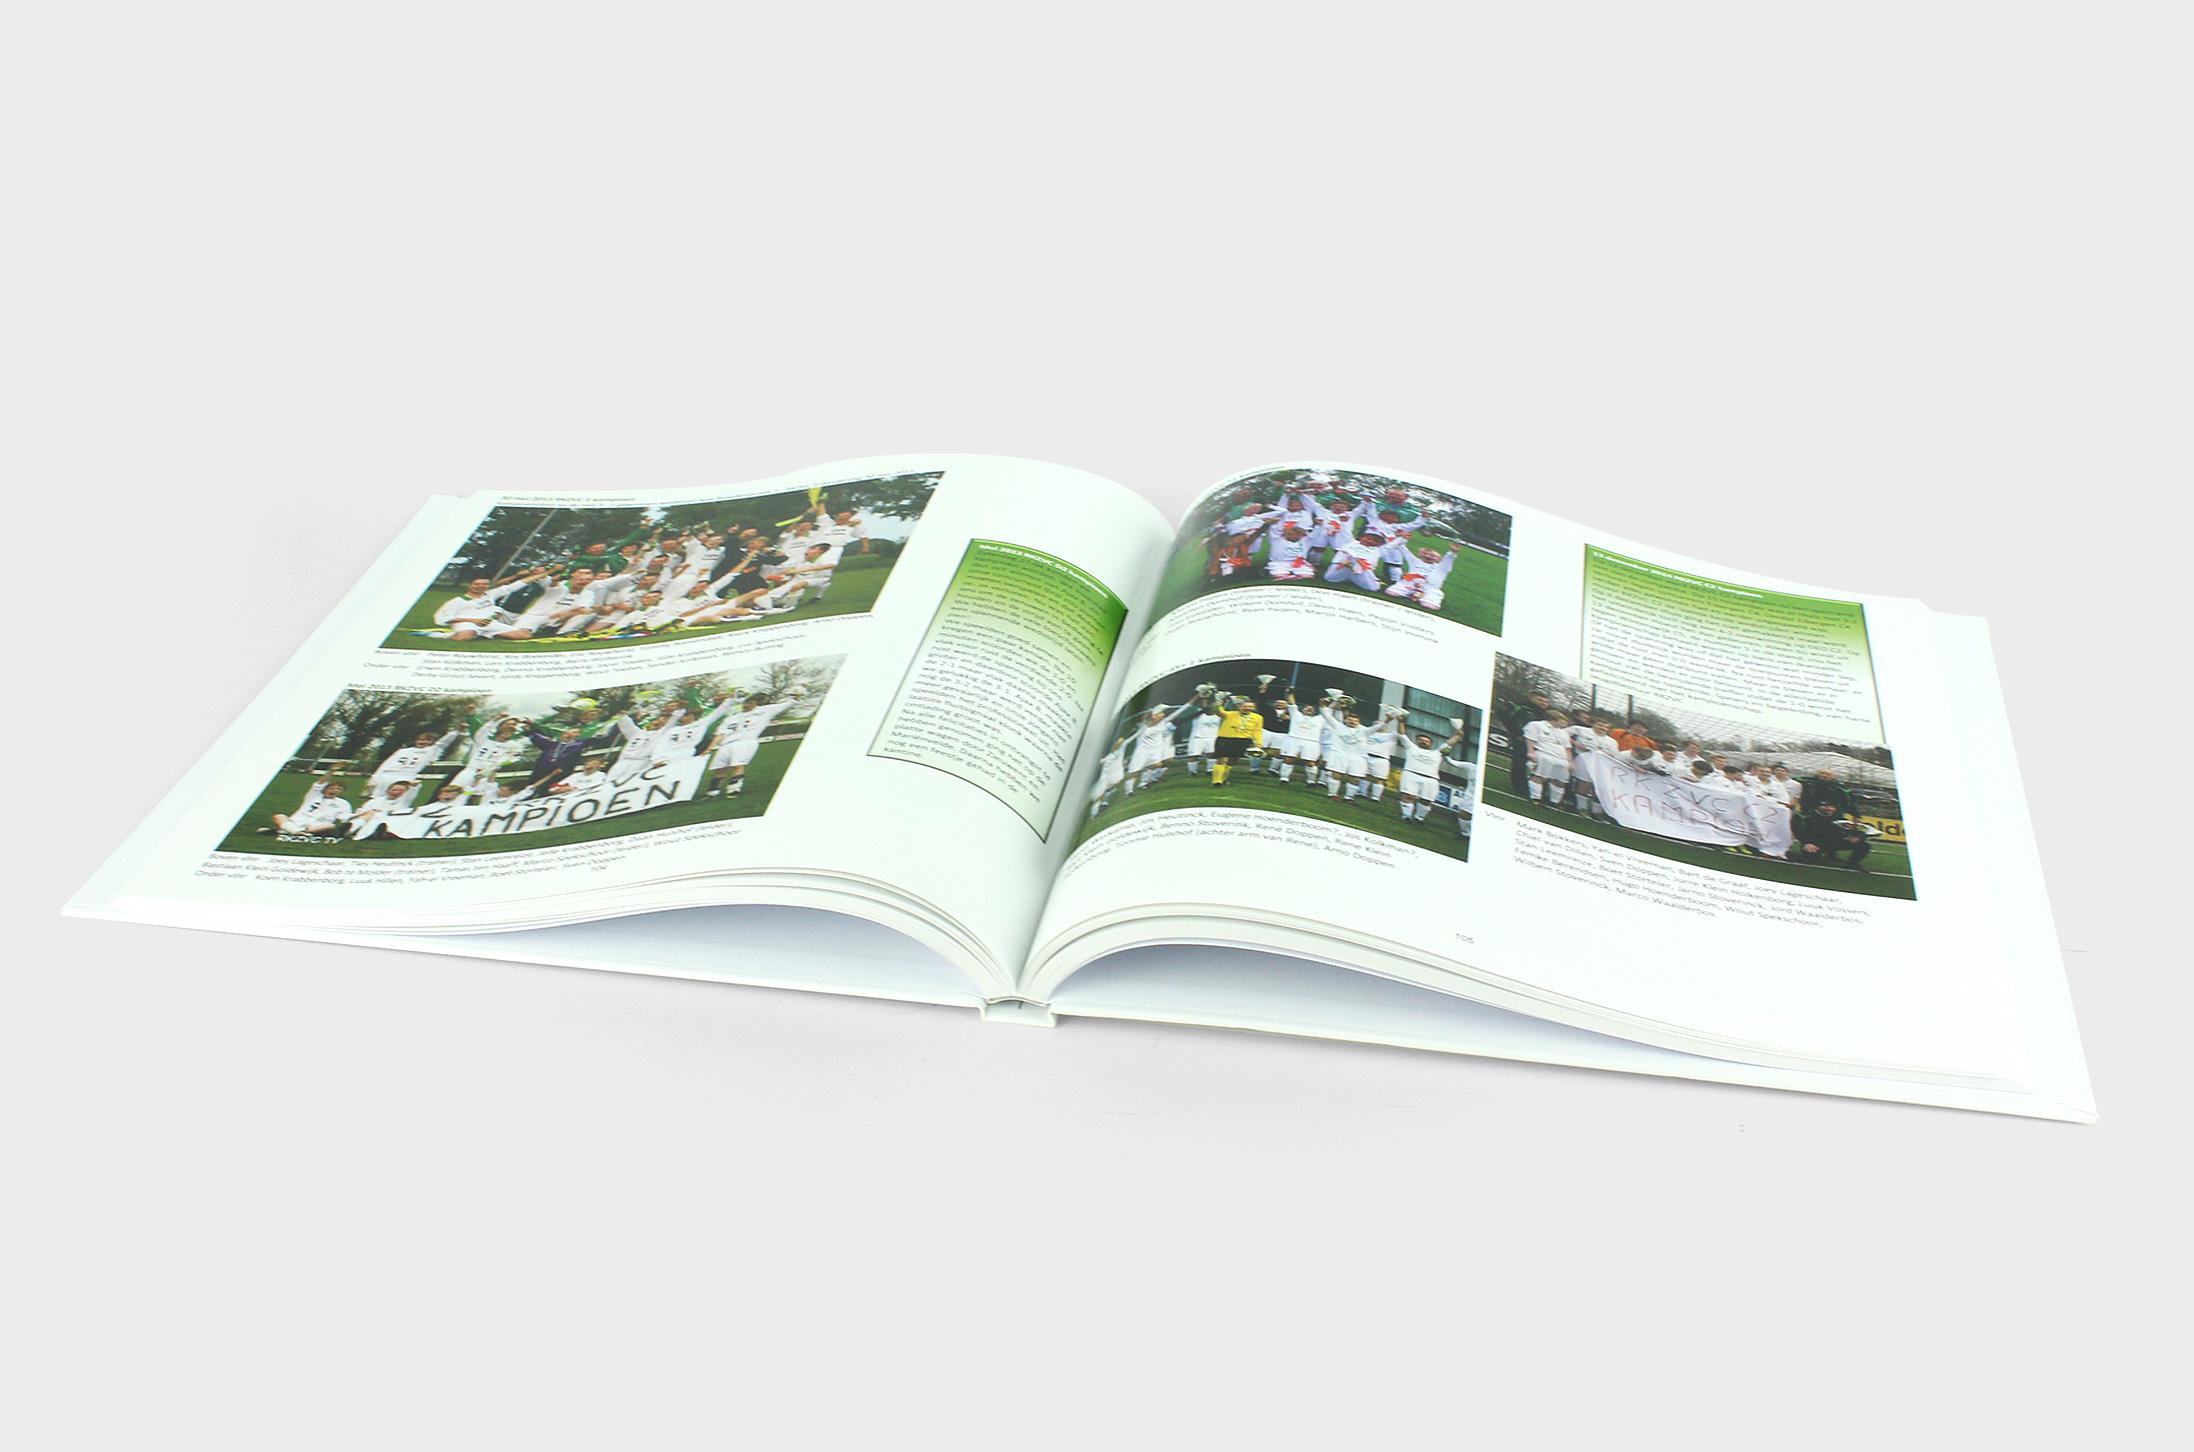 75 jaar voetbalgeschiedenis RKZVC – jubileumboek